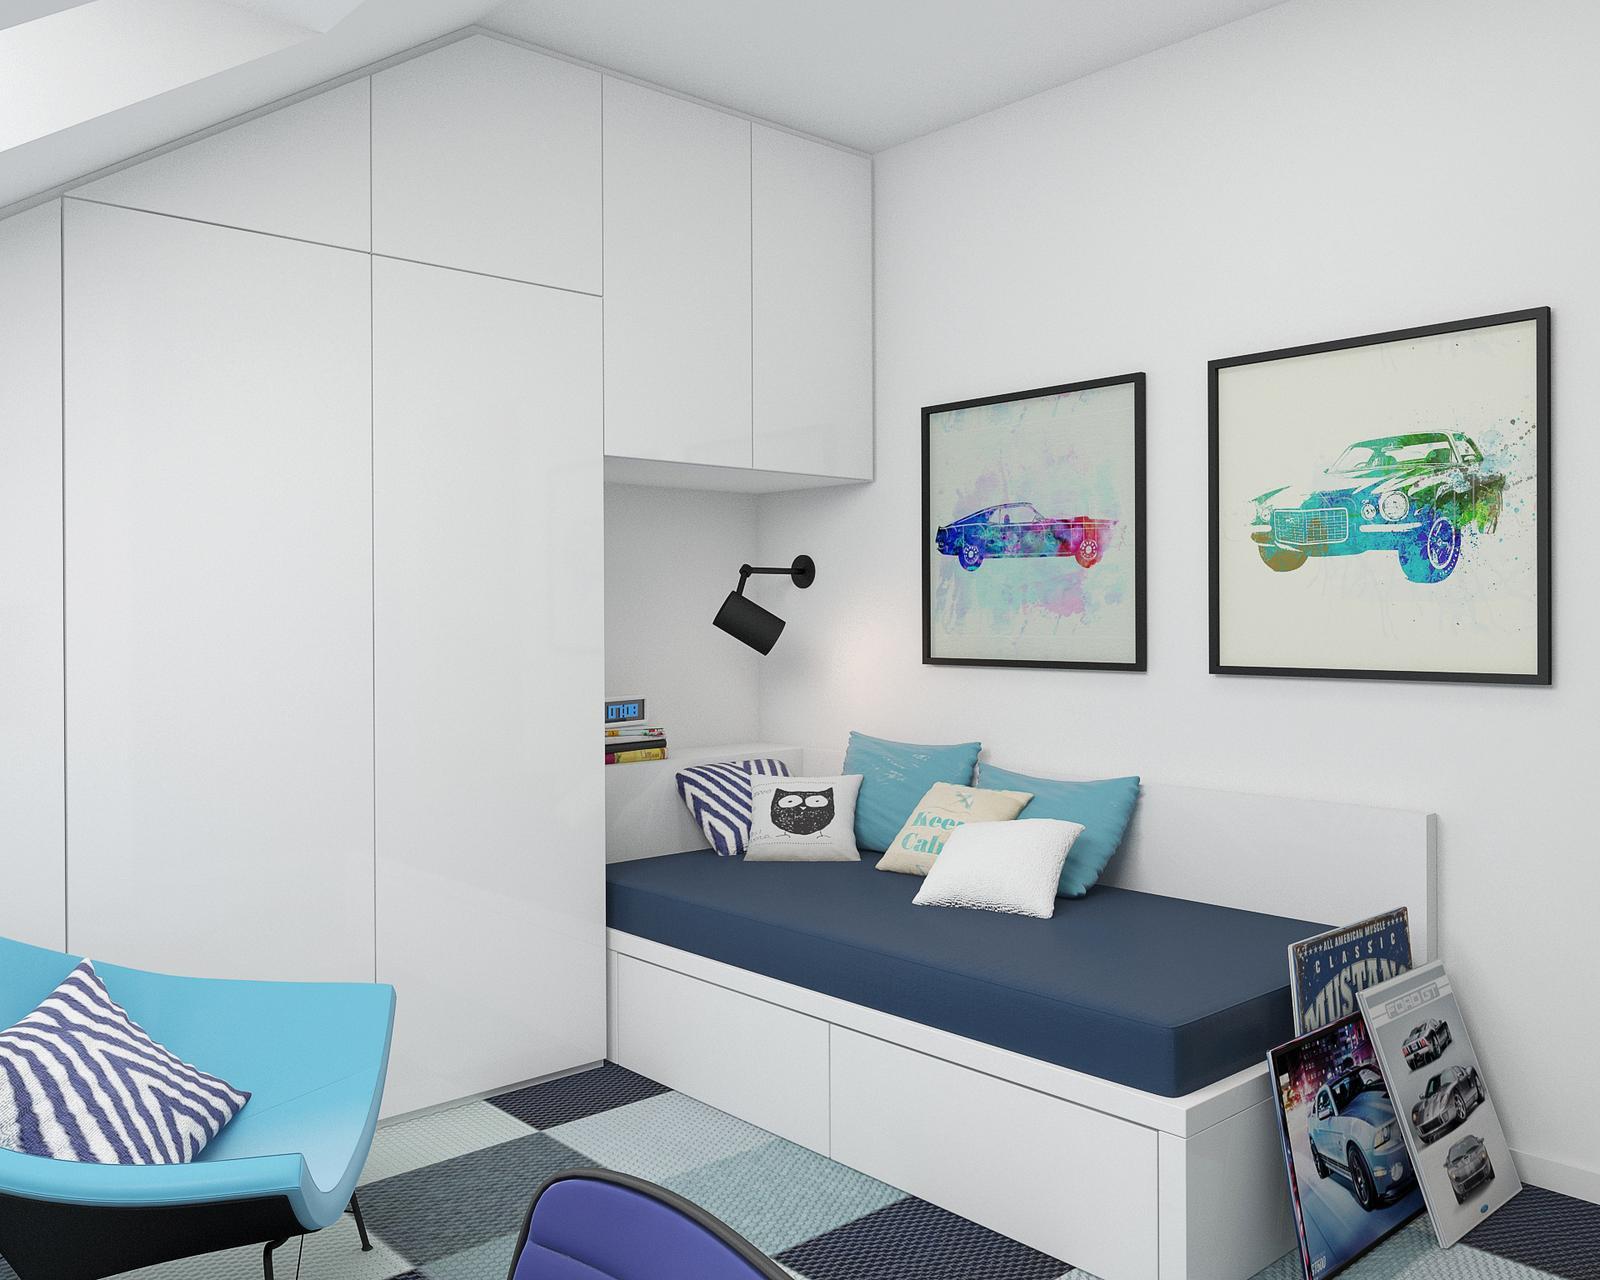 STUDENTSKÝ POKOJ - studentský pokoj - pohled na postel a šatní skříň